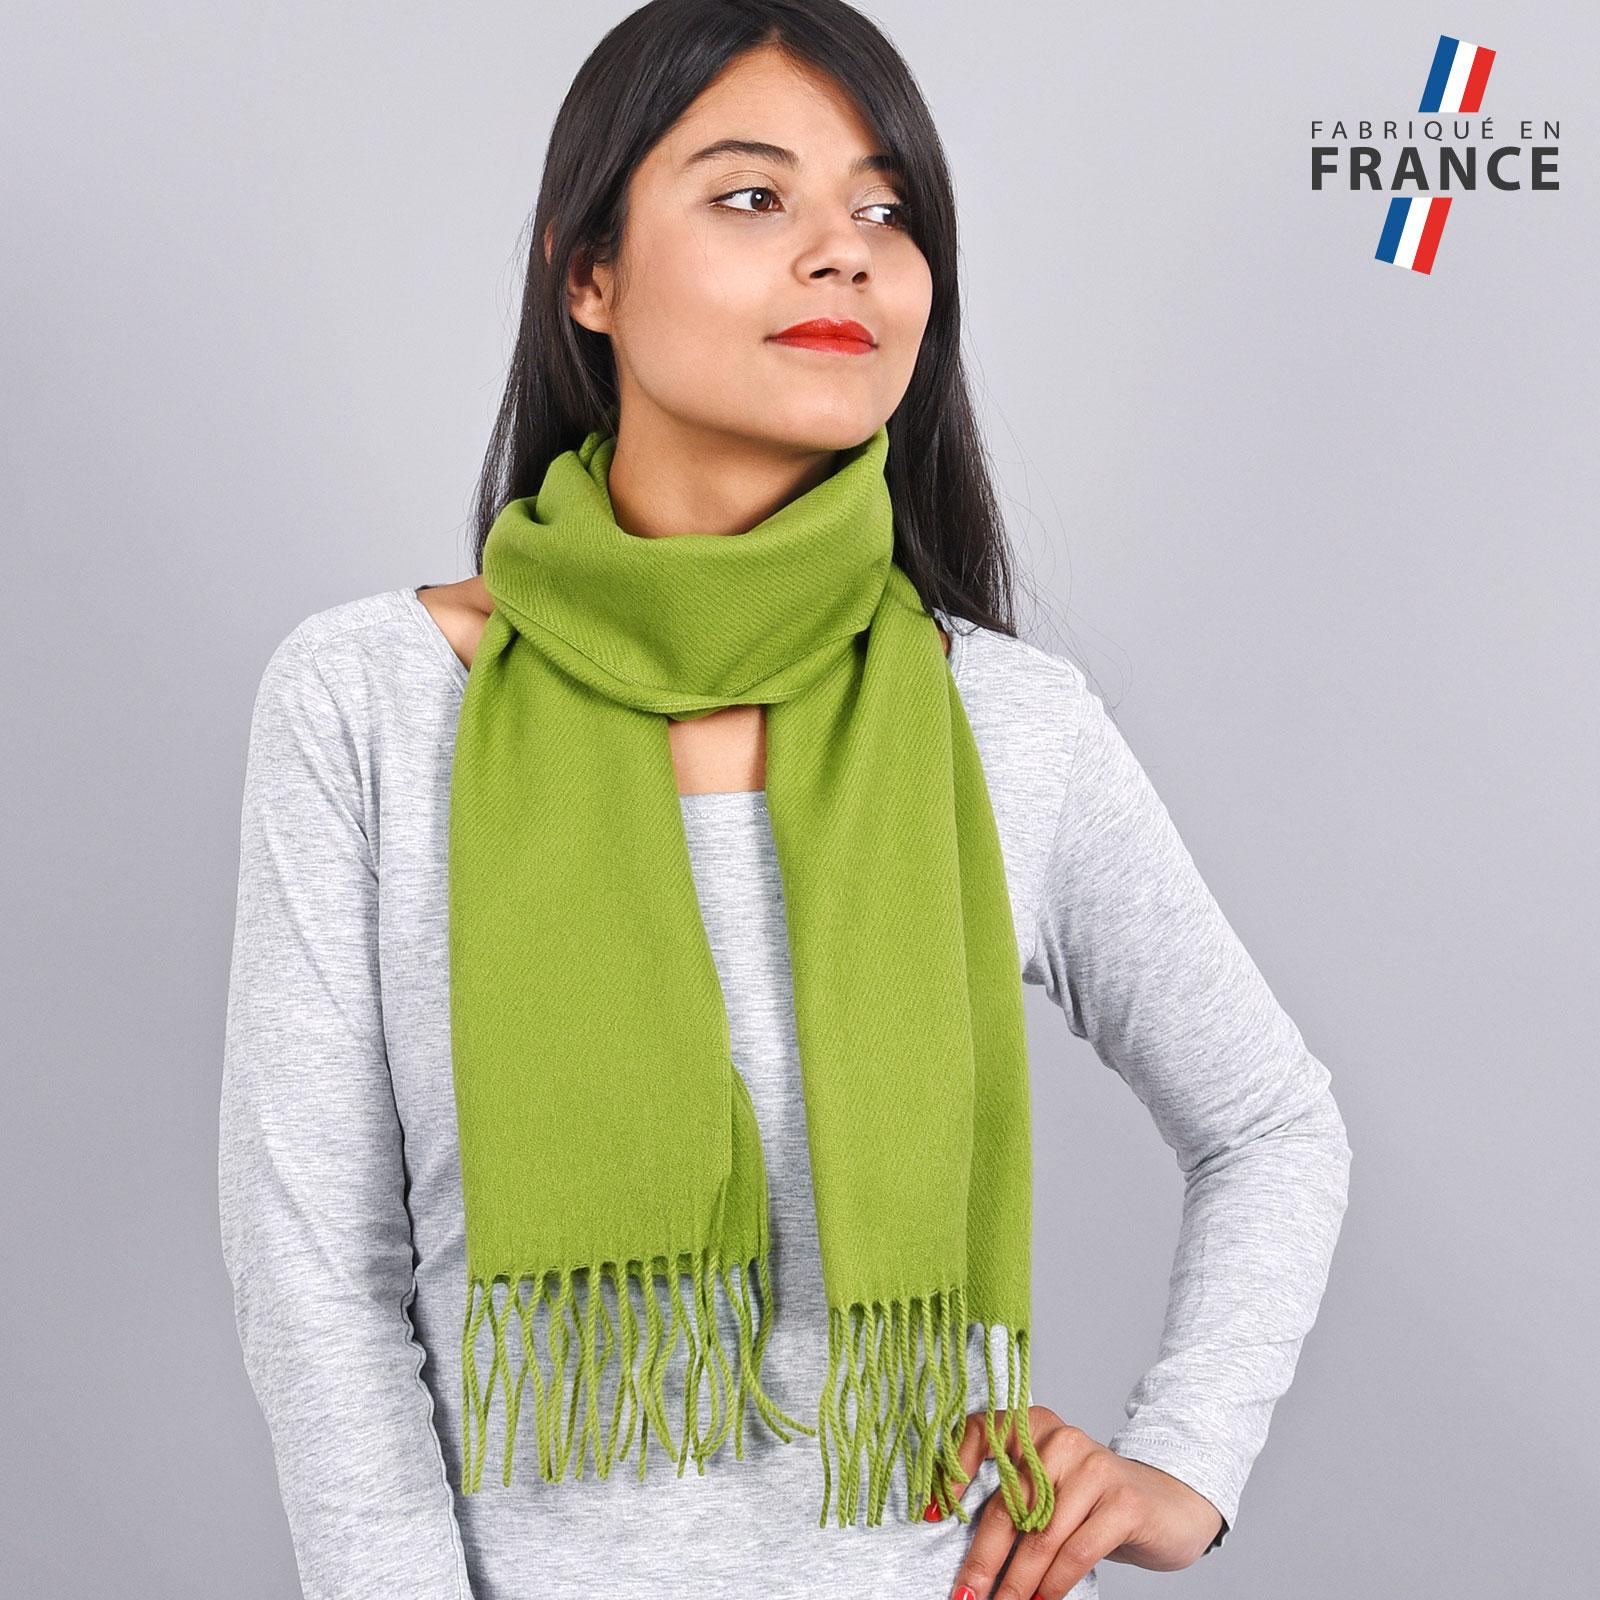 AT-03436-VF16-LB_FR-echarpe-franges-vert-femme-fabrication-francaise